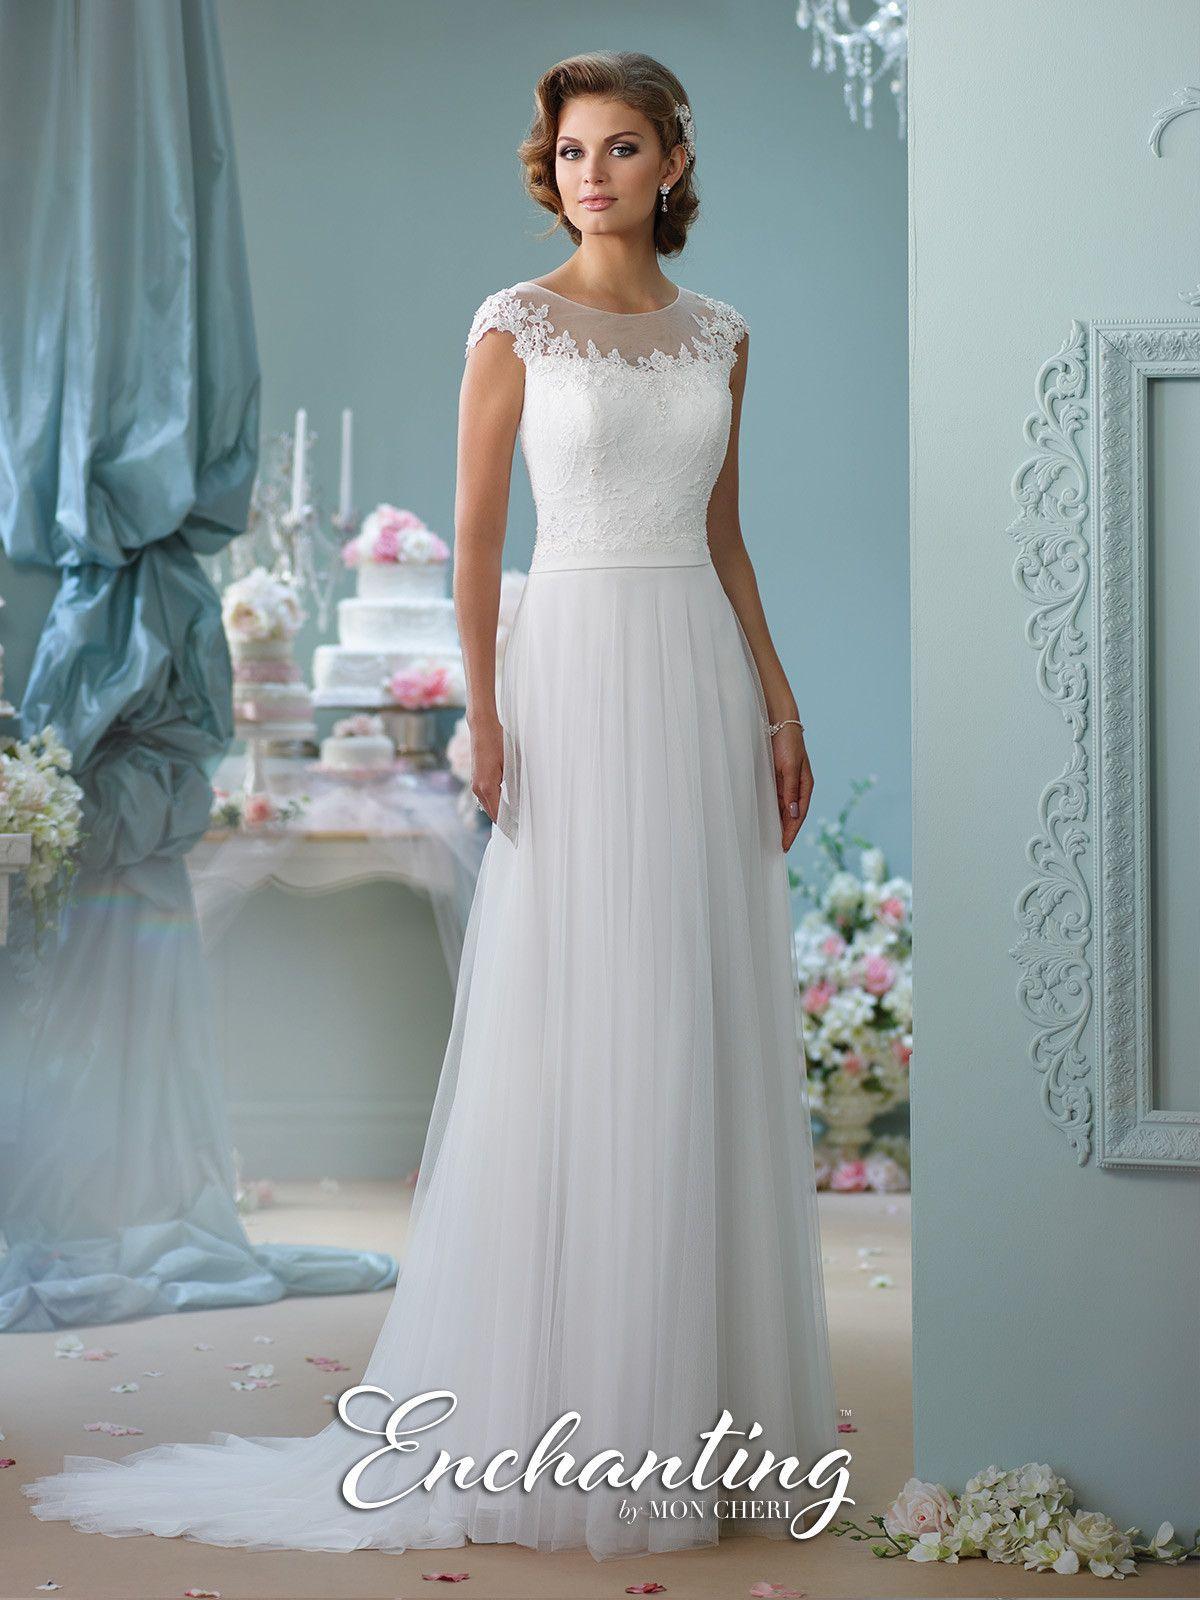 Awesome Nas Album Cover Wedding Dress Contemporary - Wedding Ideas ...